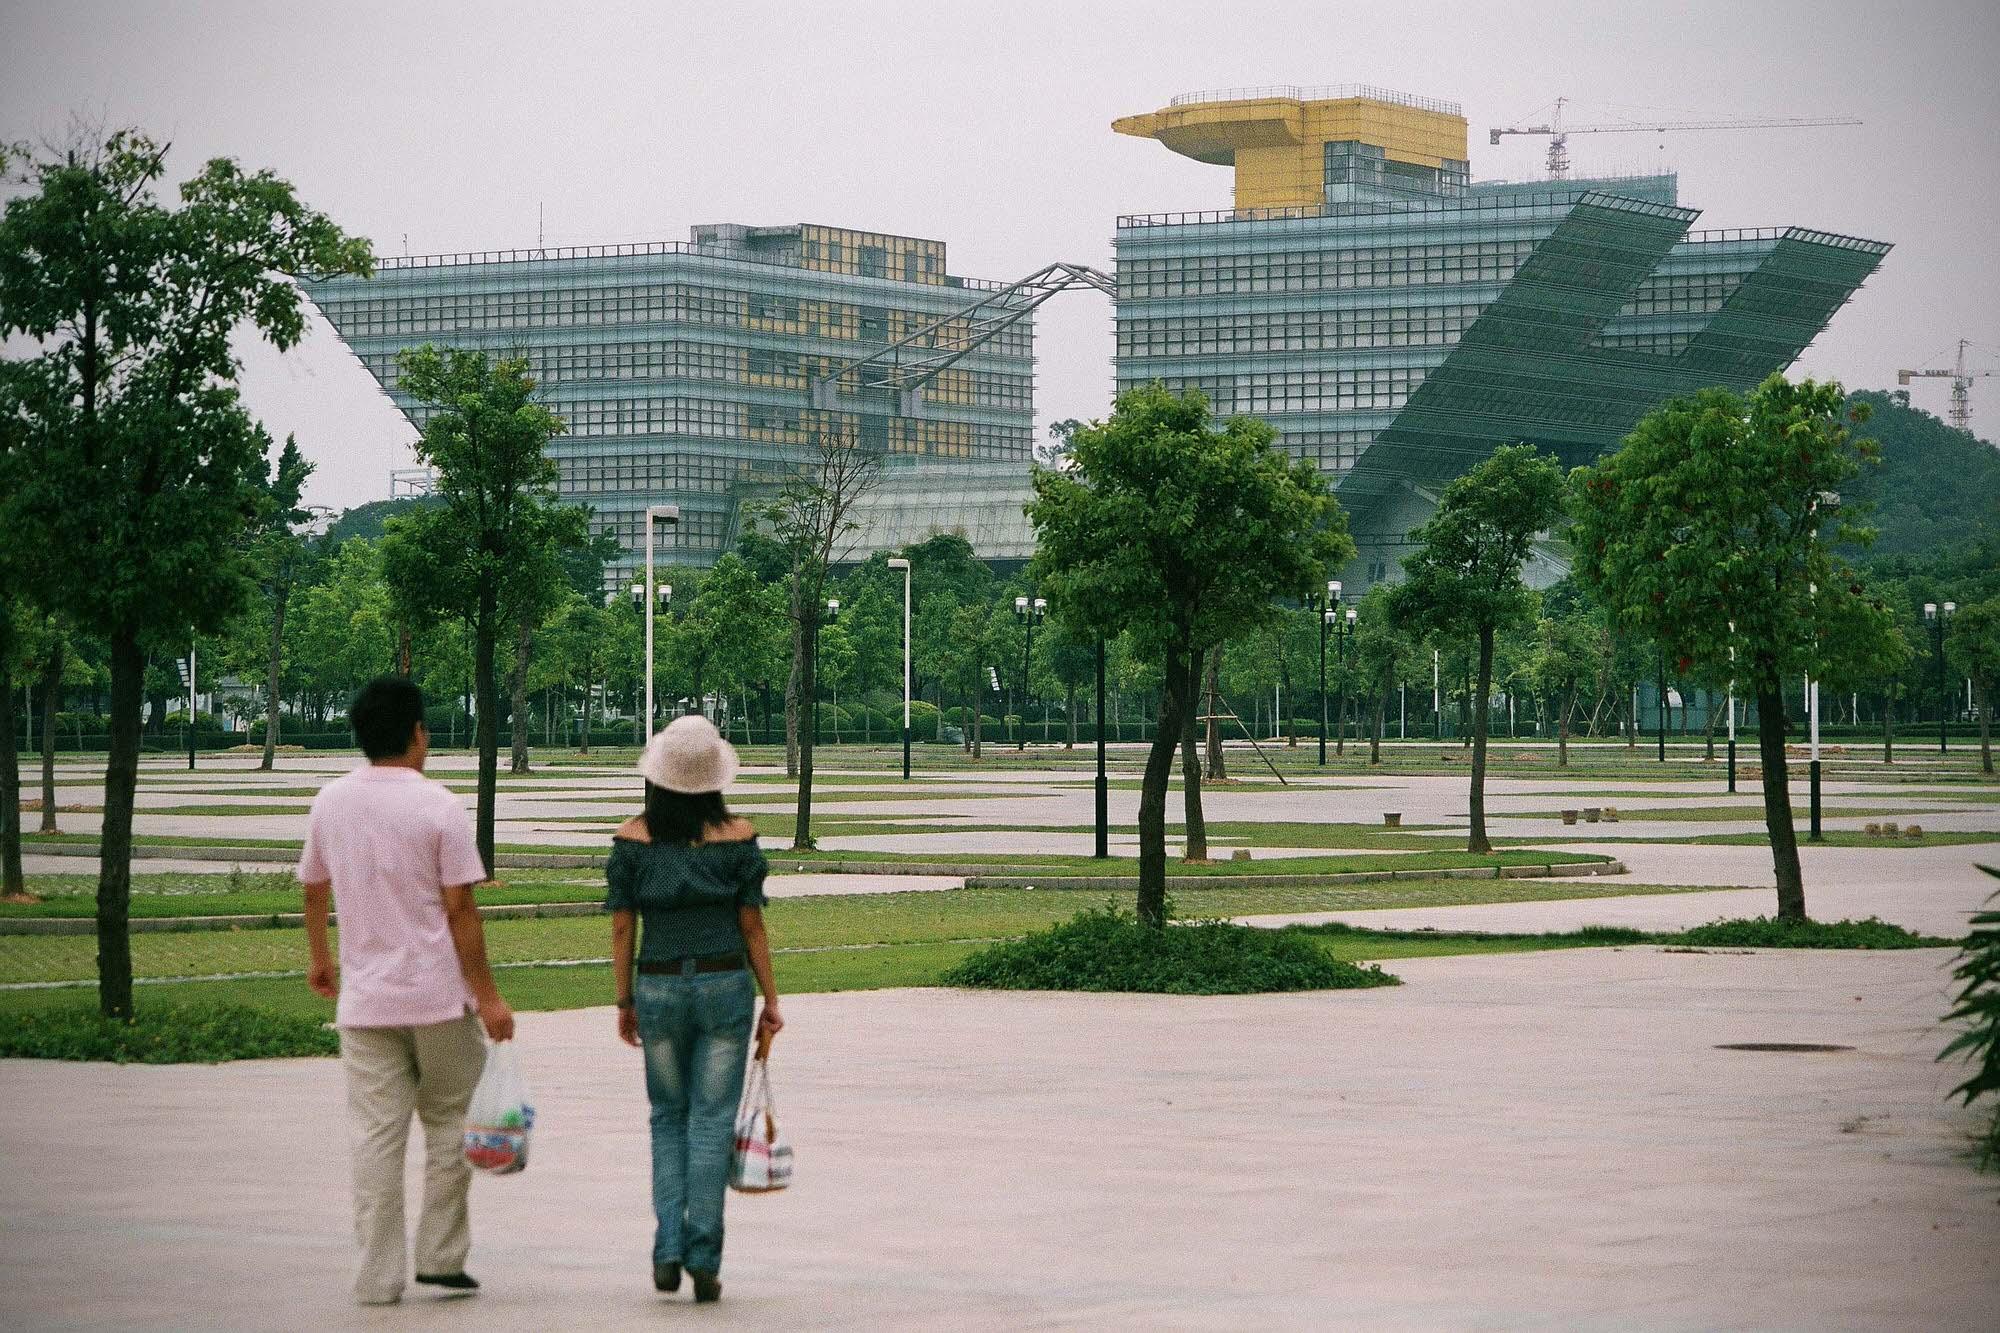 35mmPatrikWallner_Gongguan_ScienceMuseumLOWQ